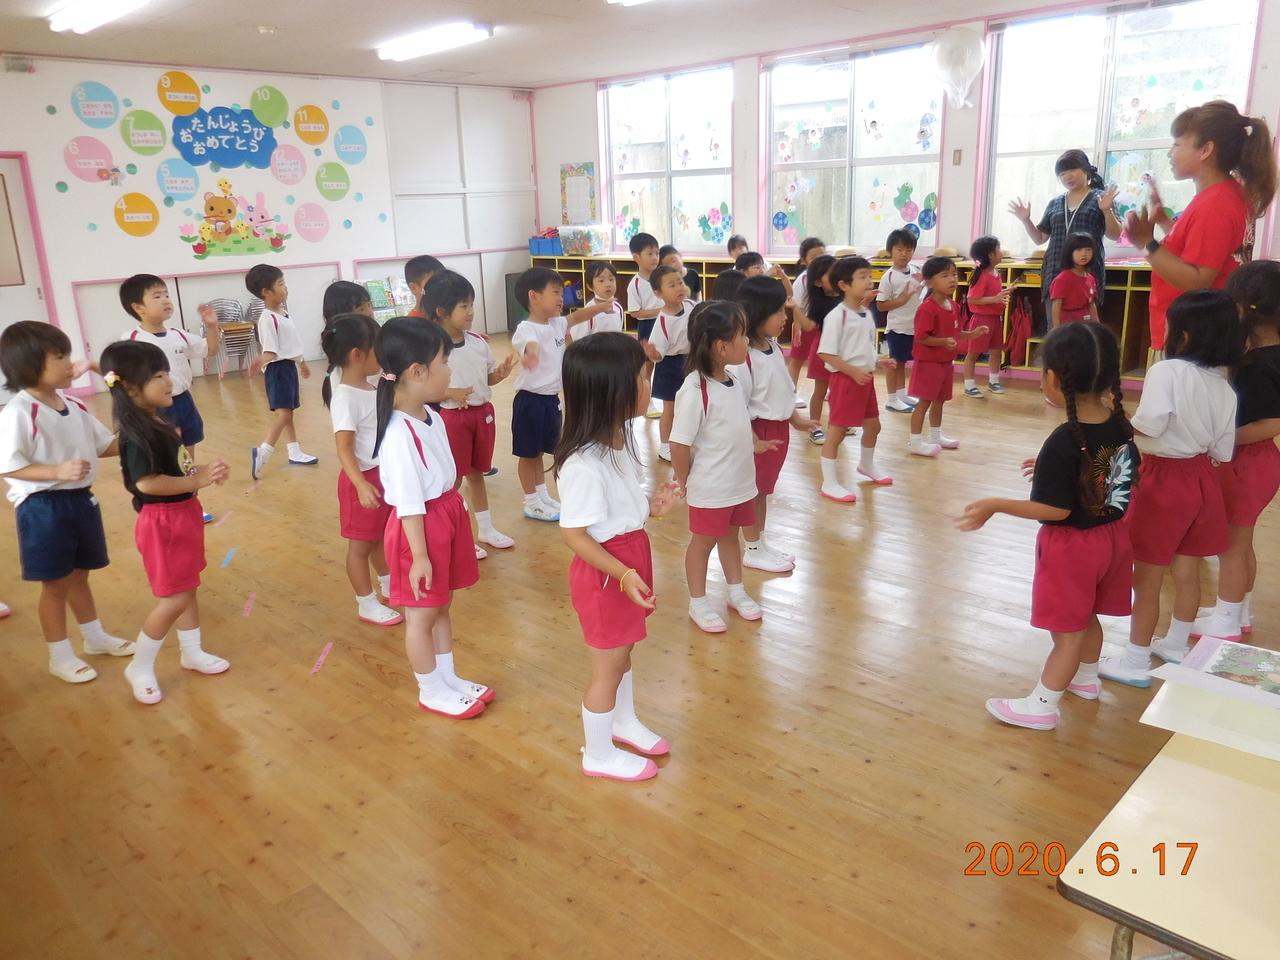 f:id:meiji-k-teacher:20200617121002j:plain